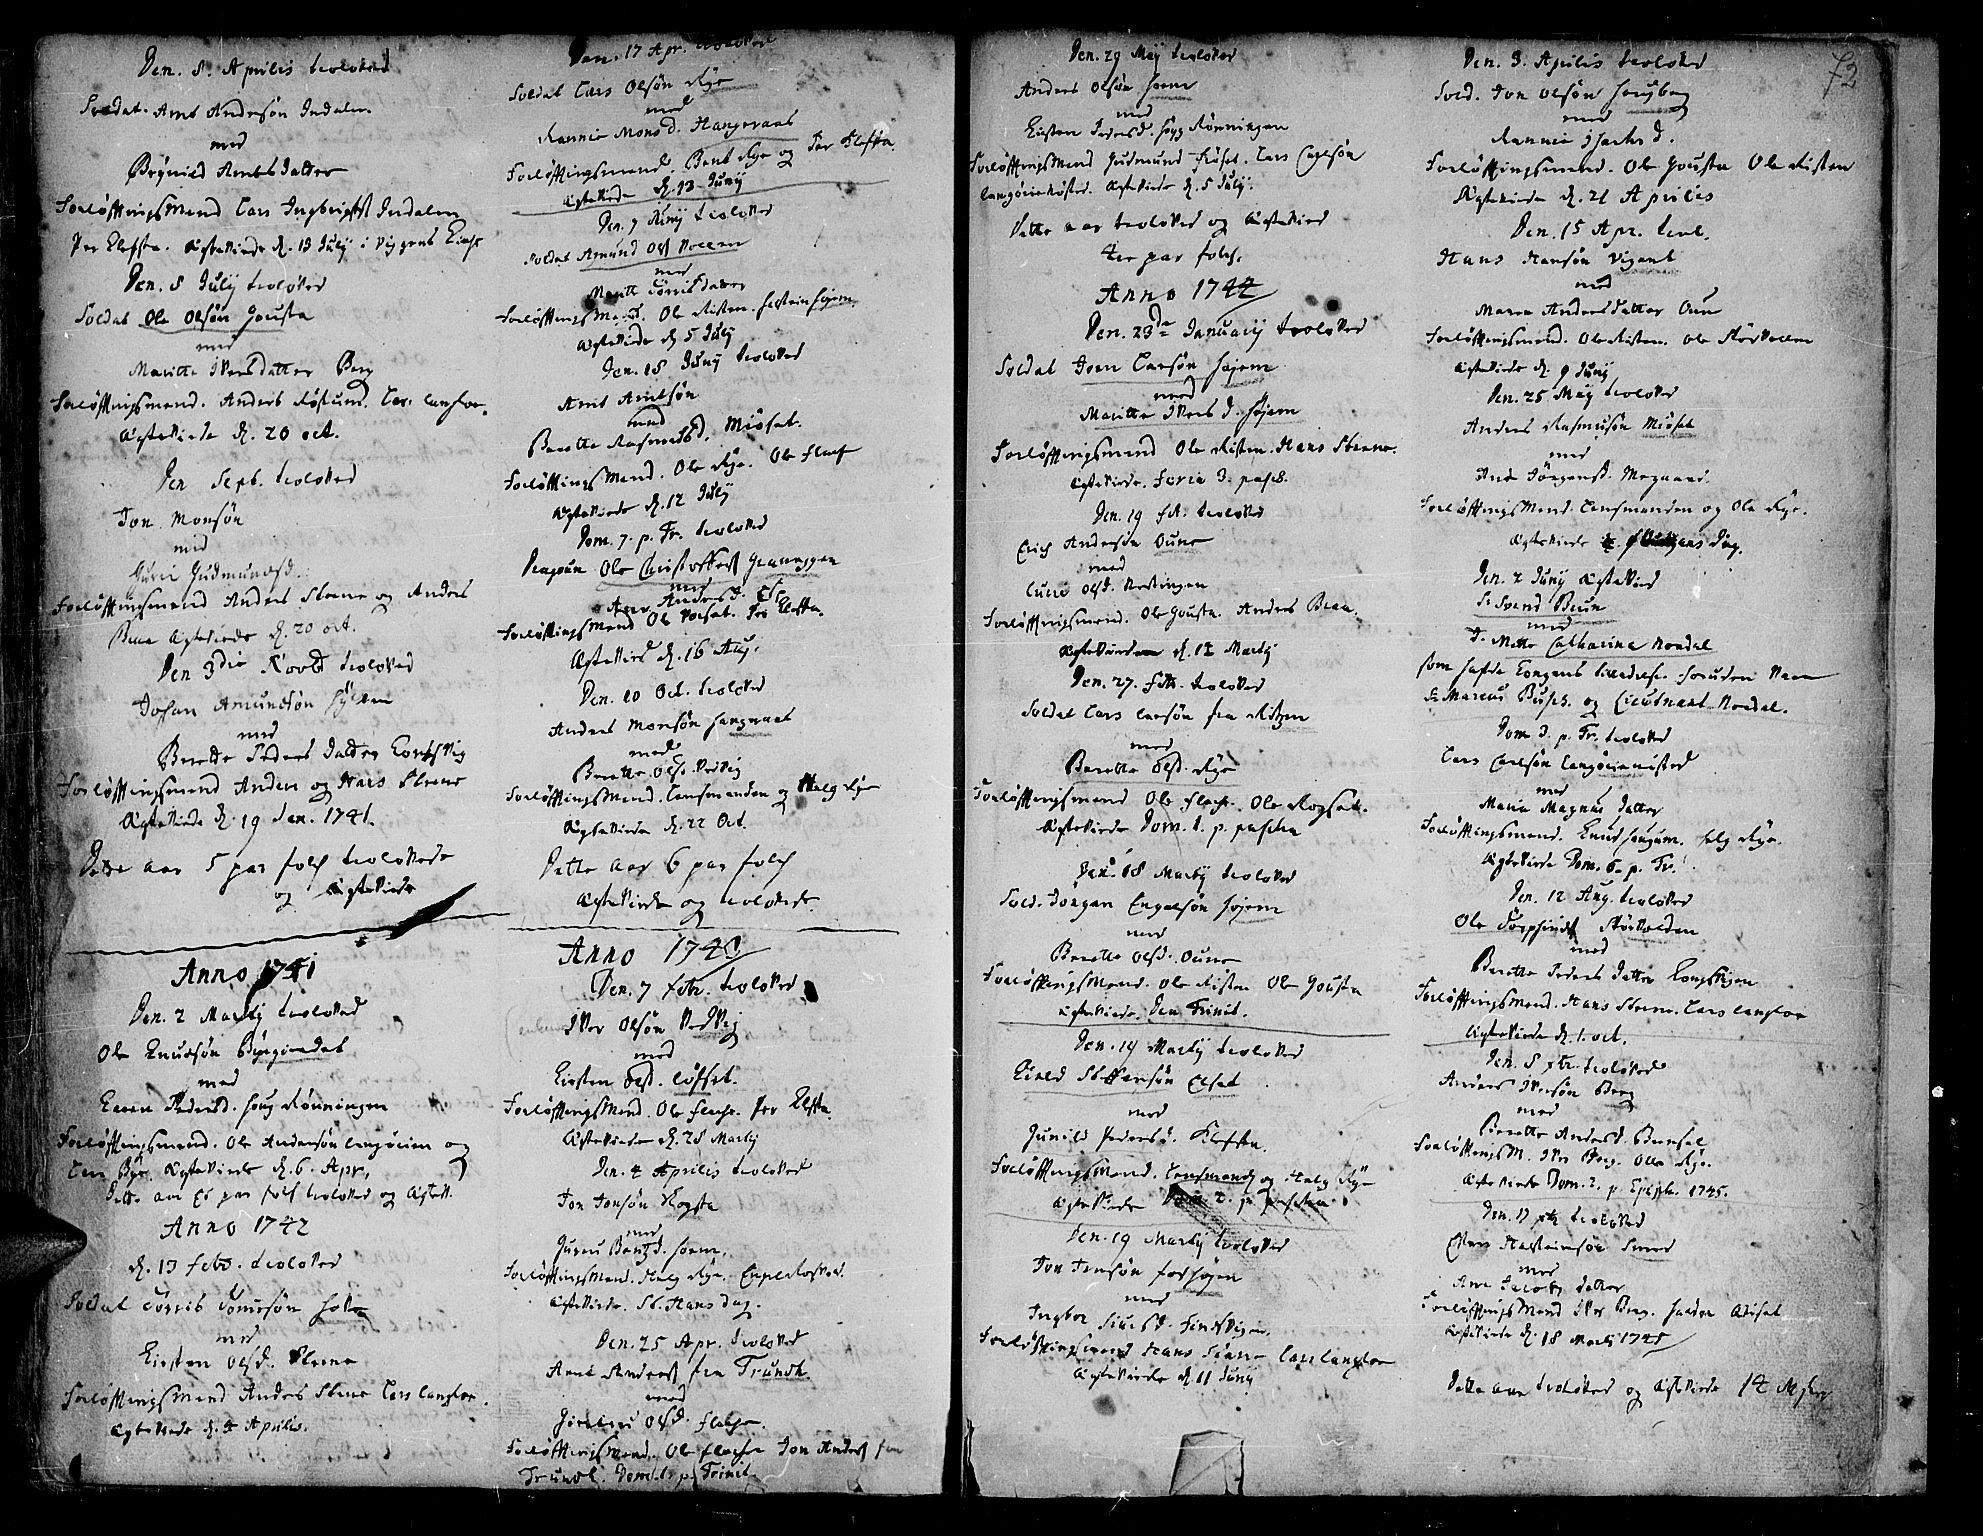 SAT, Ministerialprotokoller, klokkerbøker og fødselsregistre - Sør-Trøndelag, 612/L0368: Ministerialbok nr. 612A02, 1702-1753, s. 72